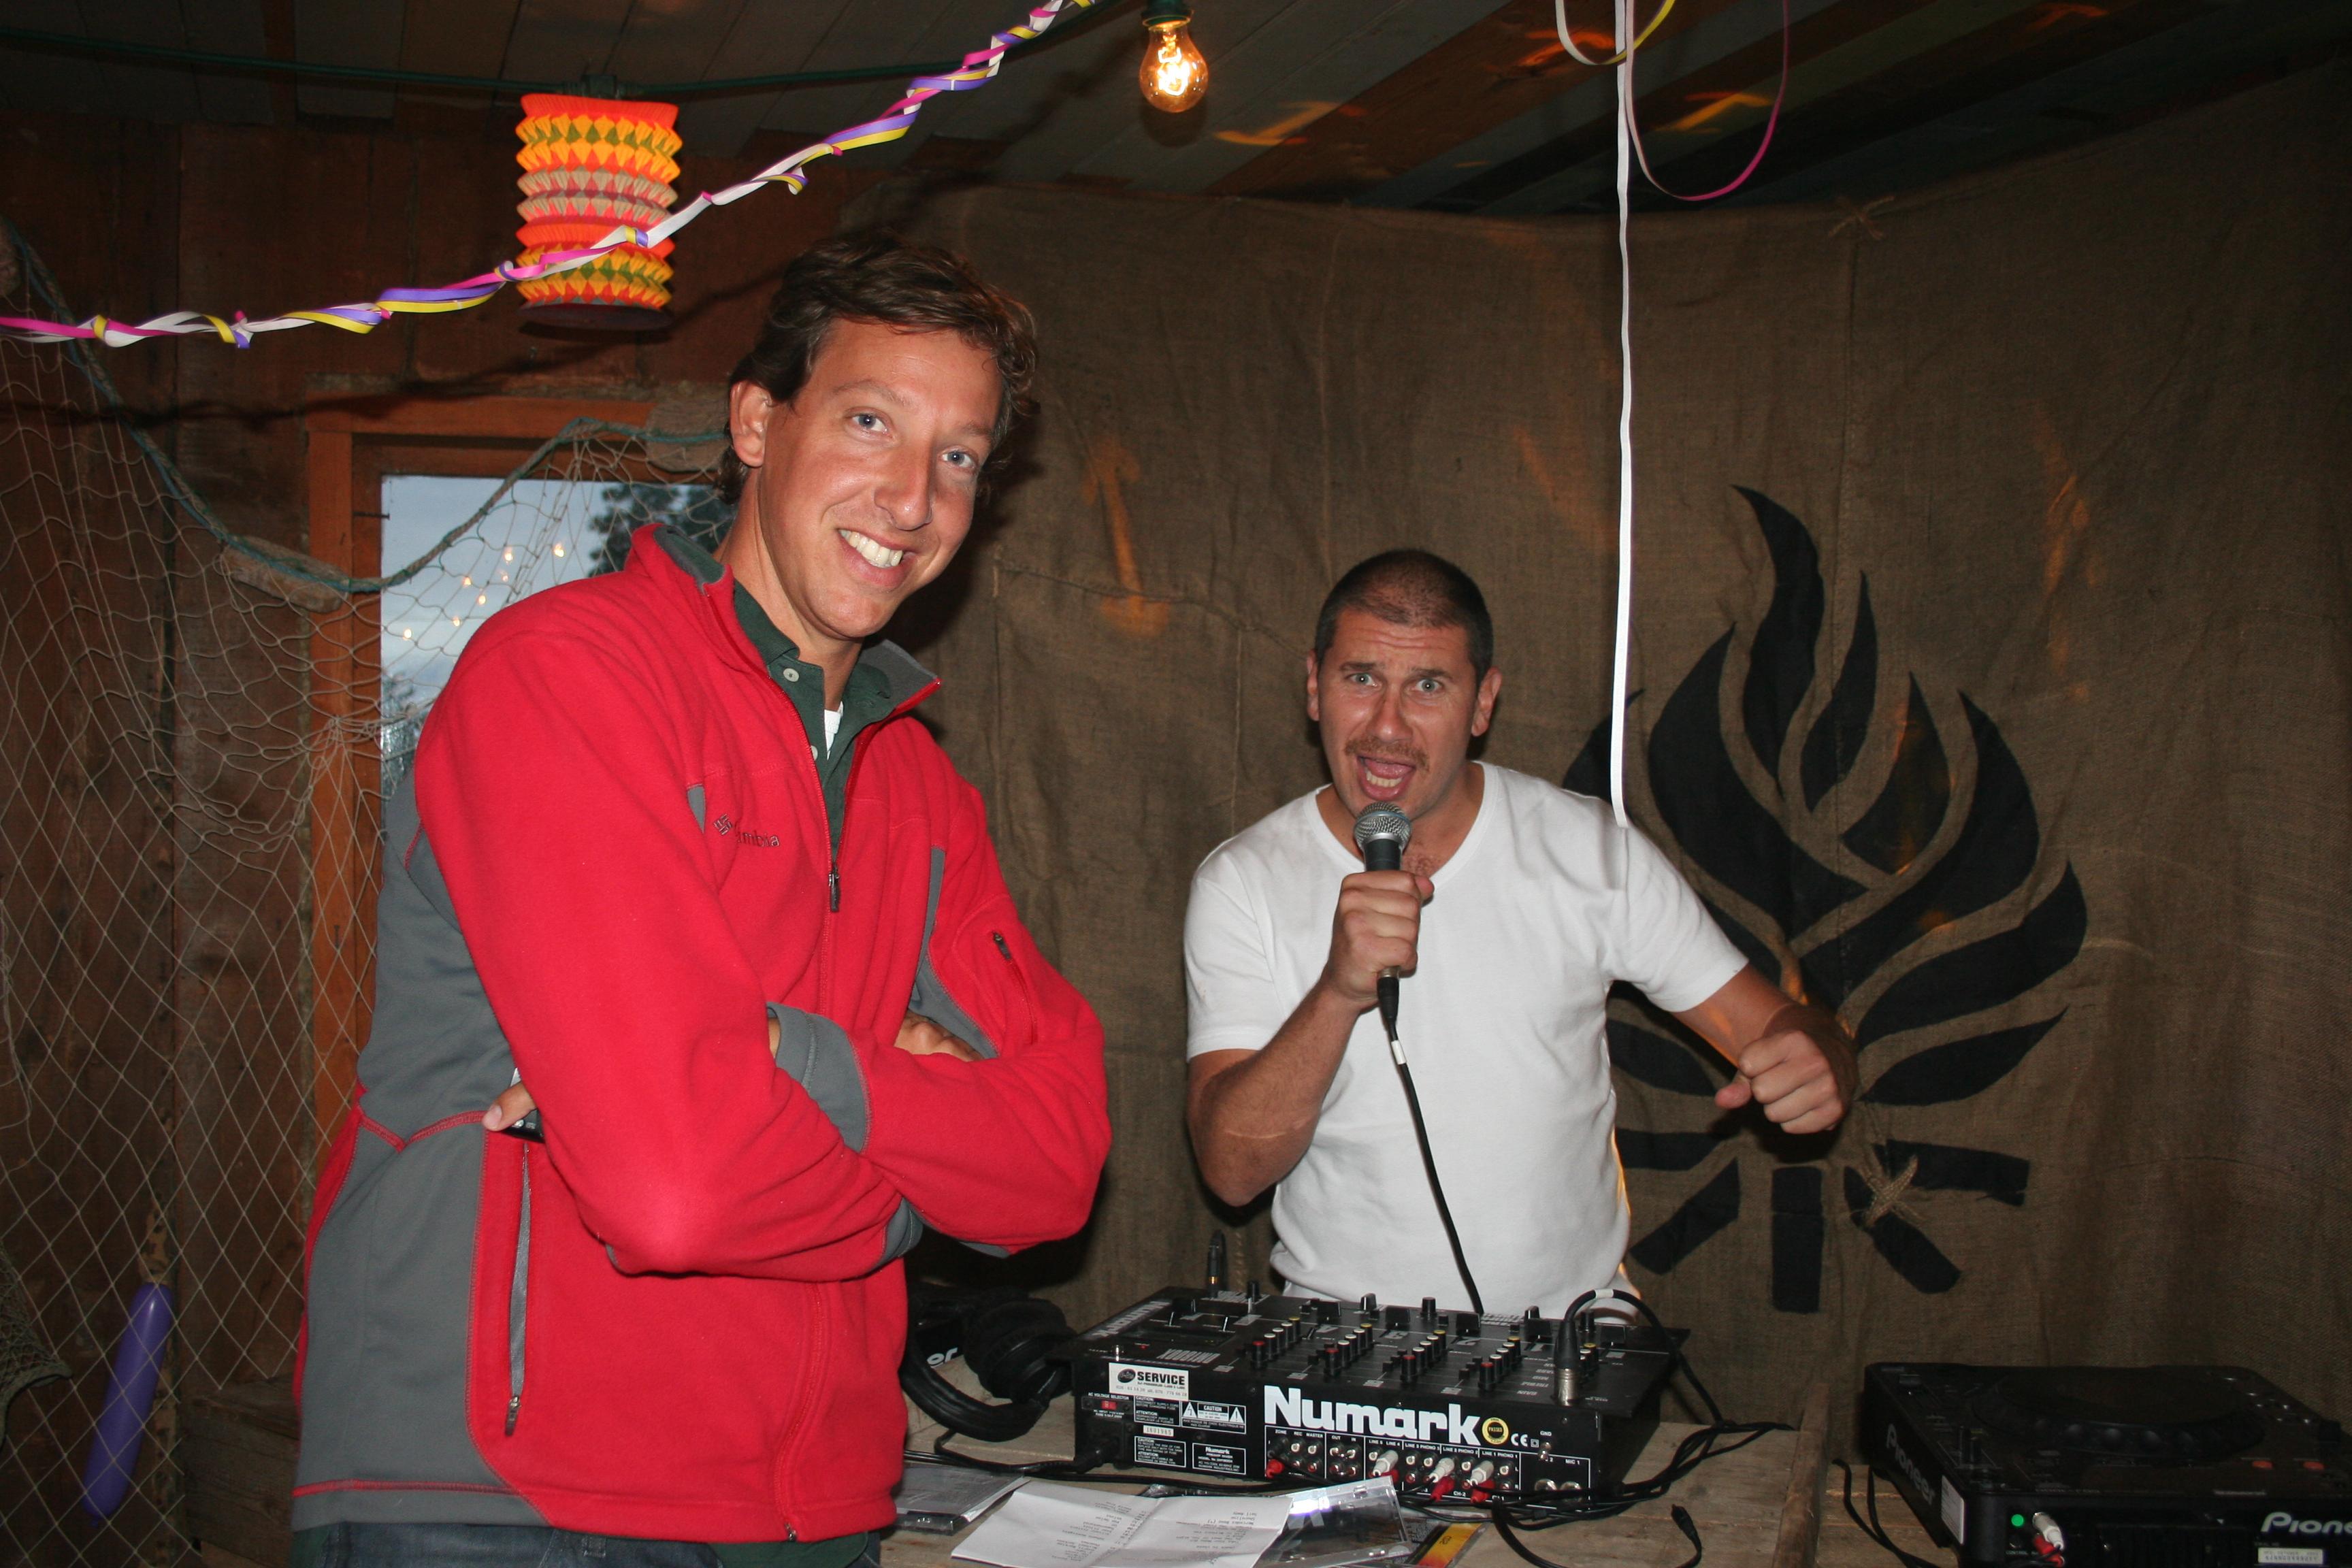 Simon & Markoolio